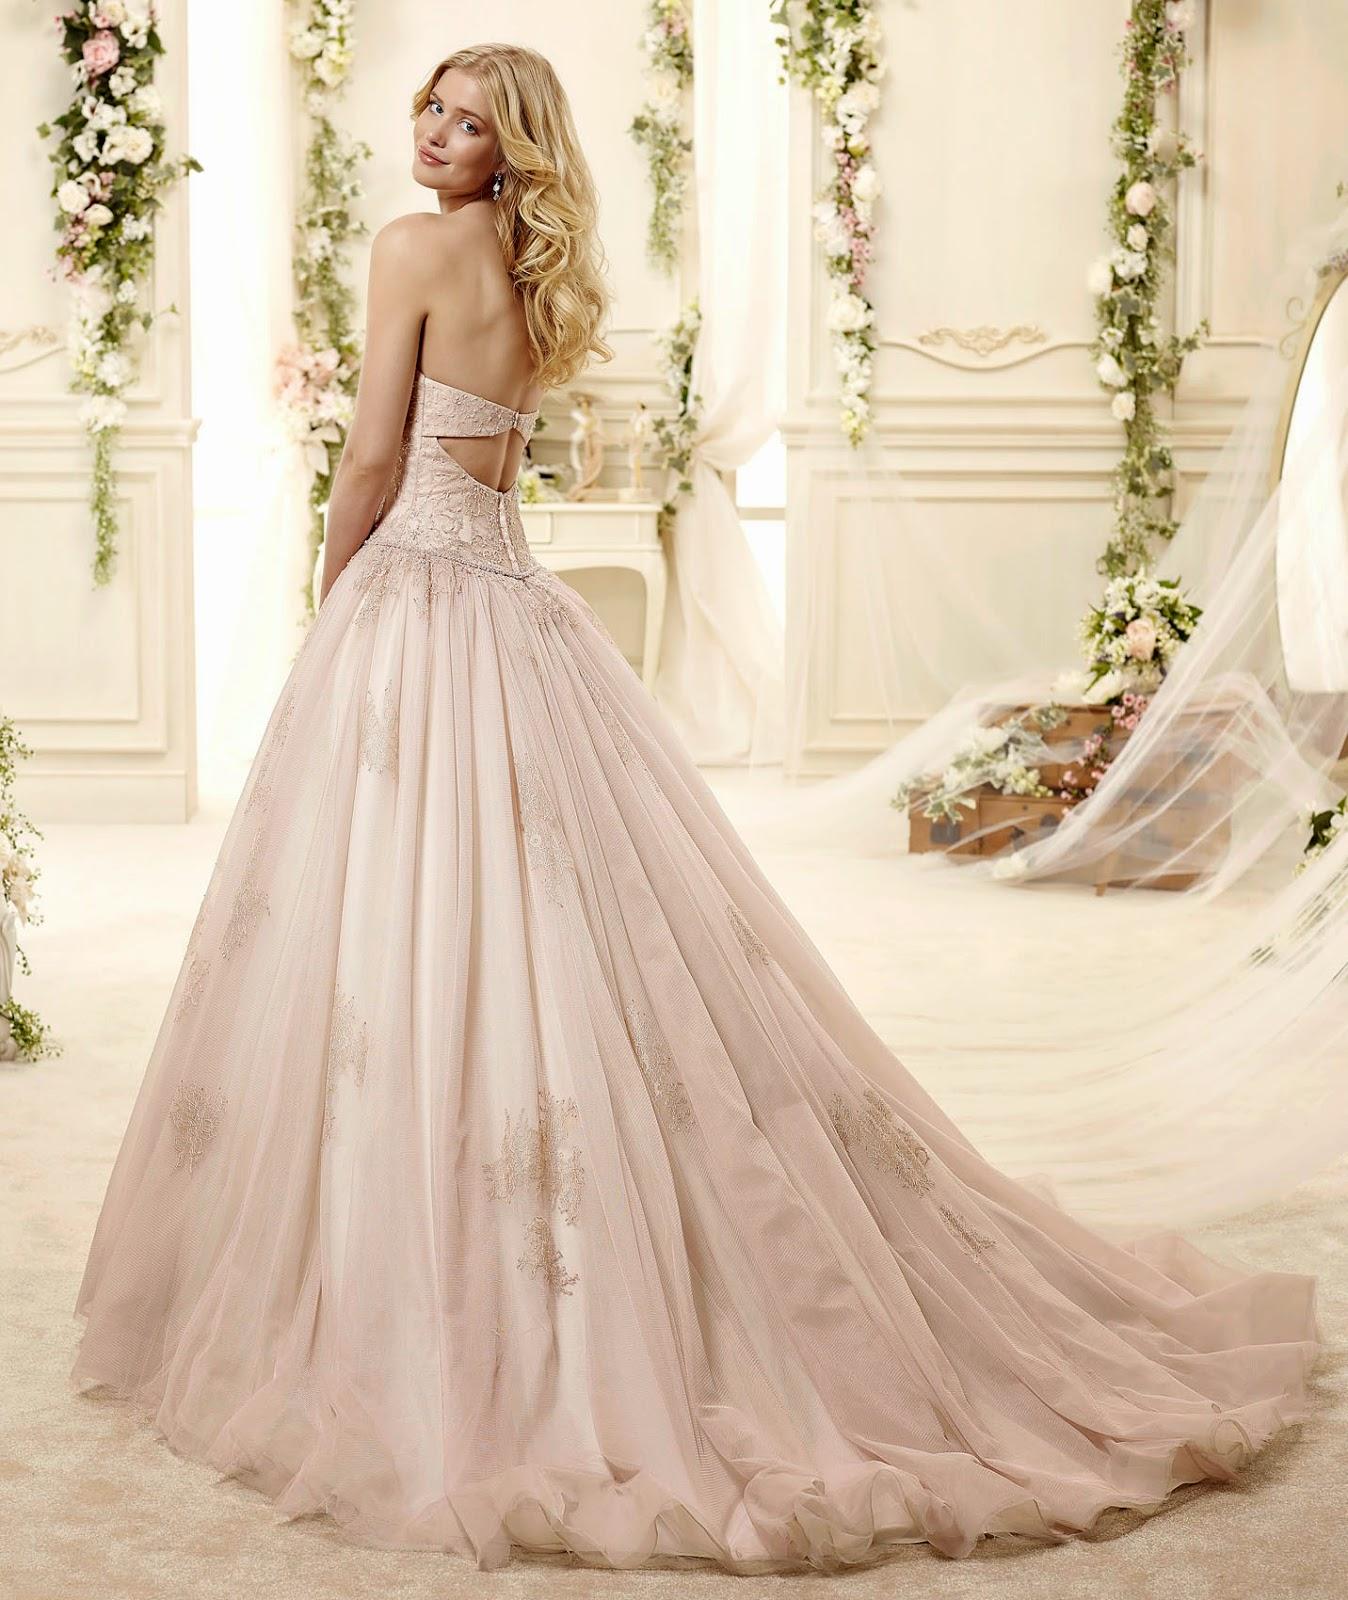 Matrimonio Country Chic Vestito : Tendenze abiti da sposa moda nozze forum